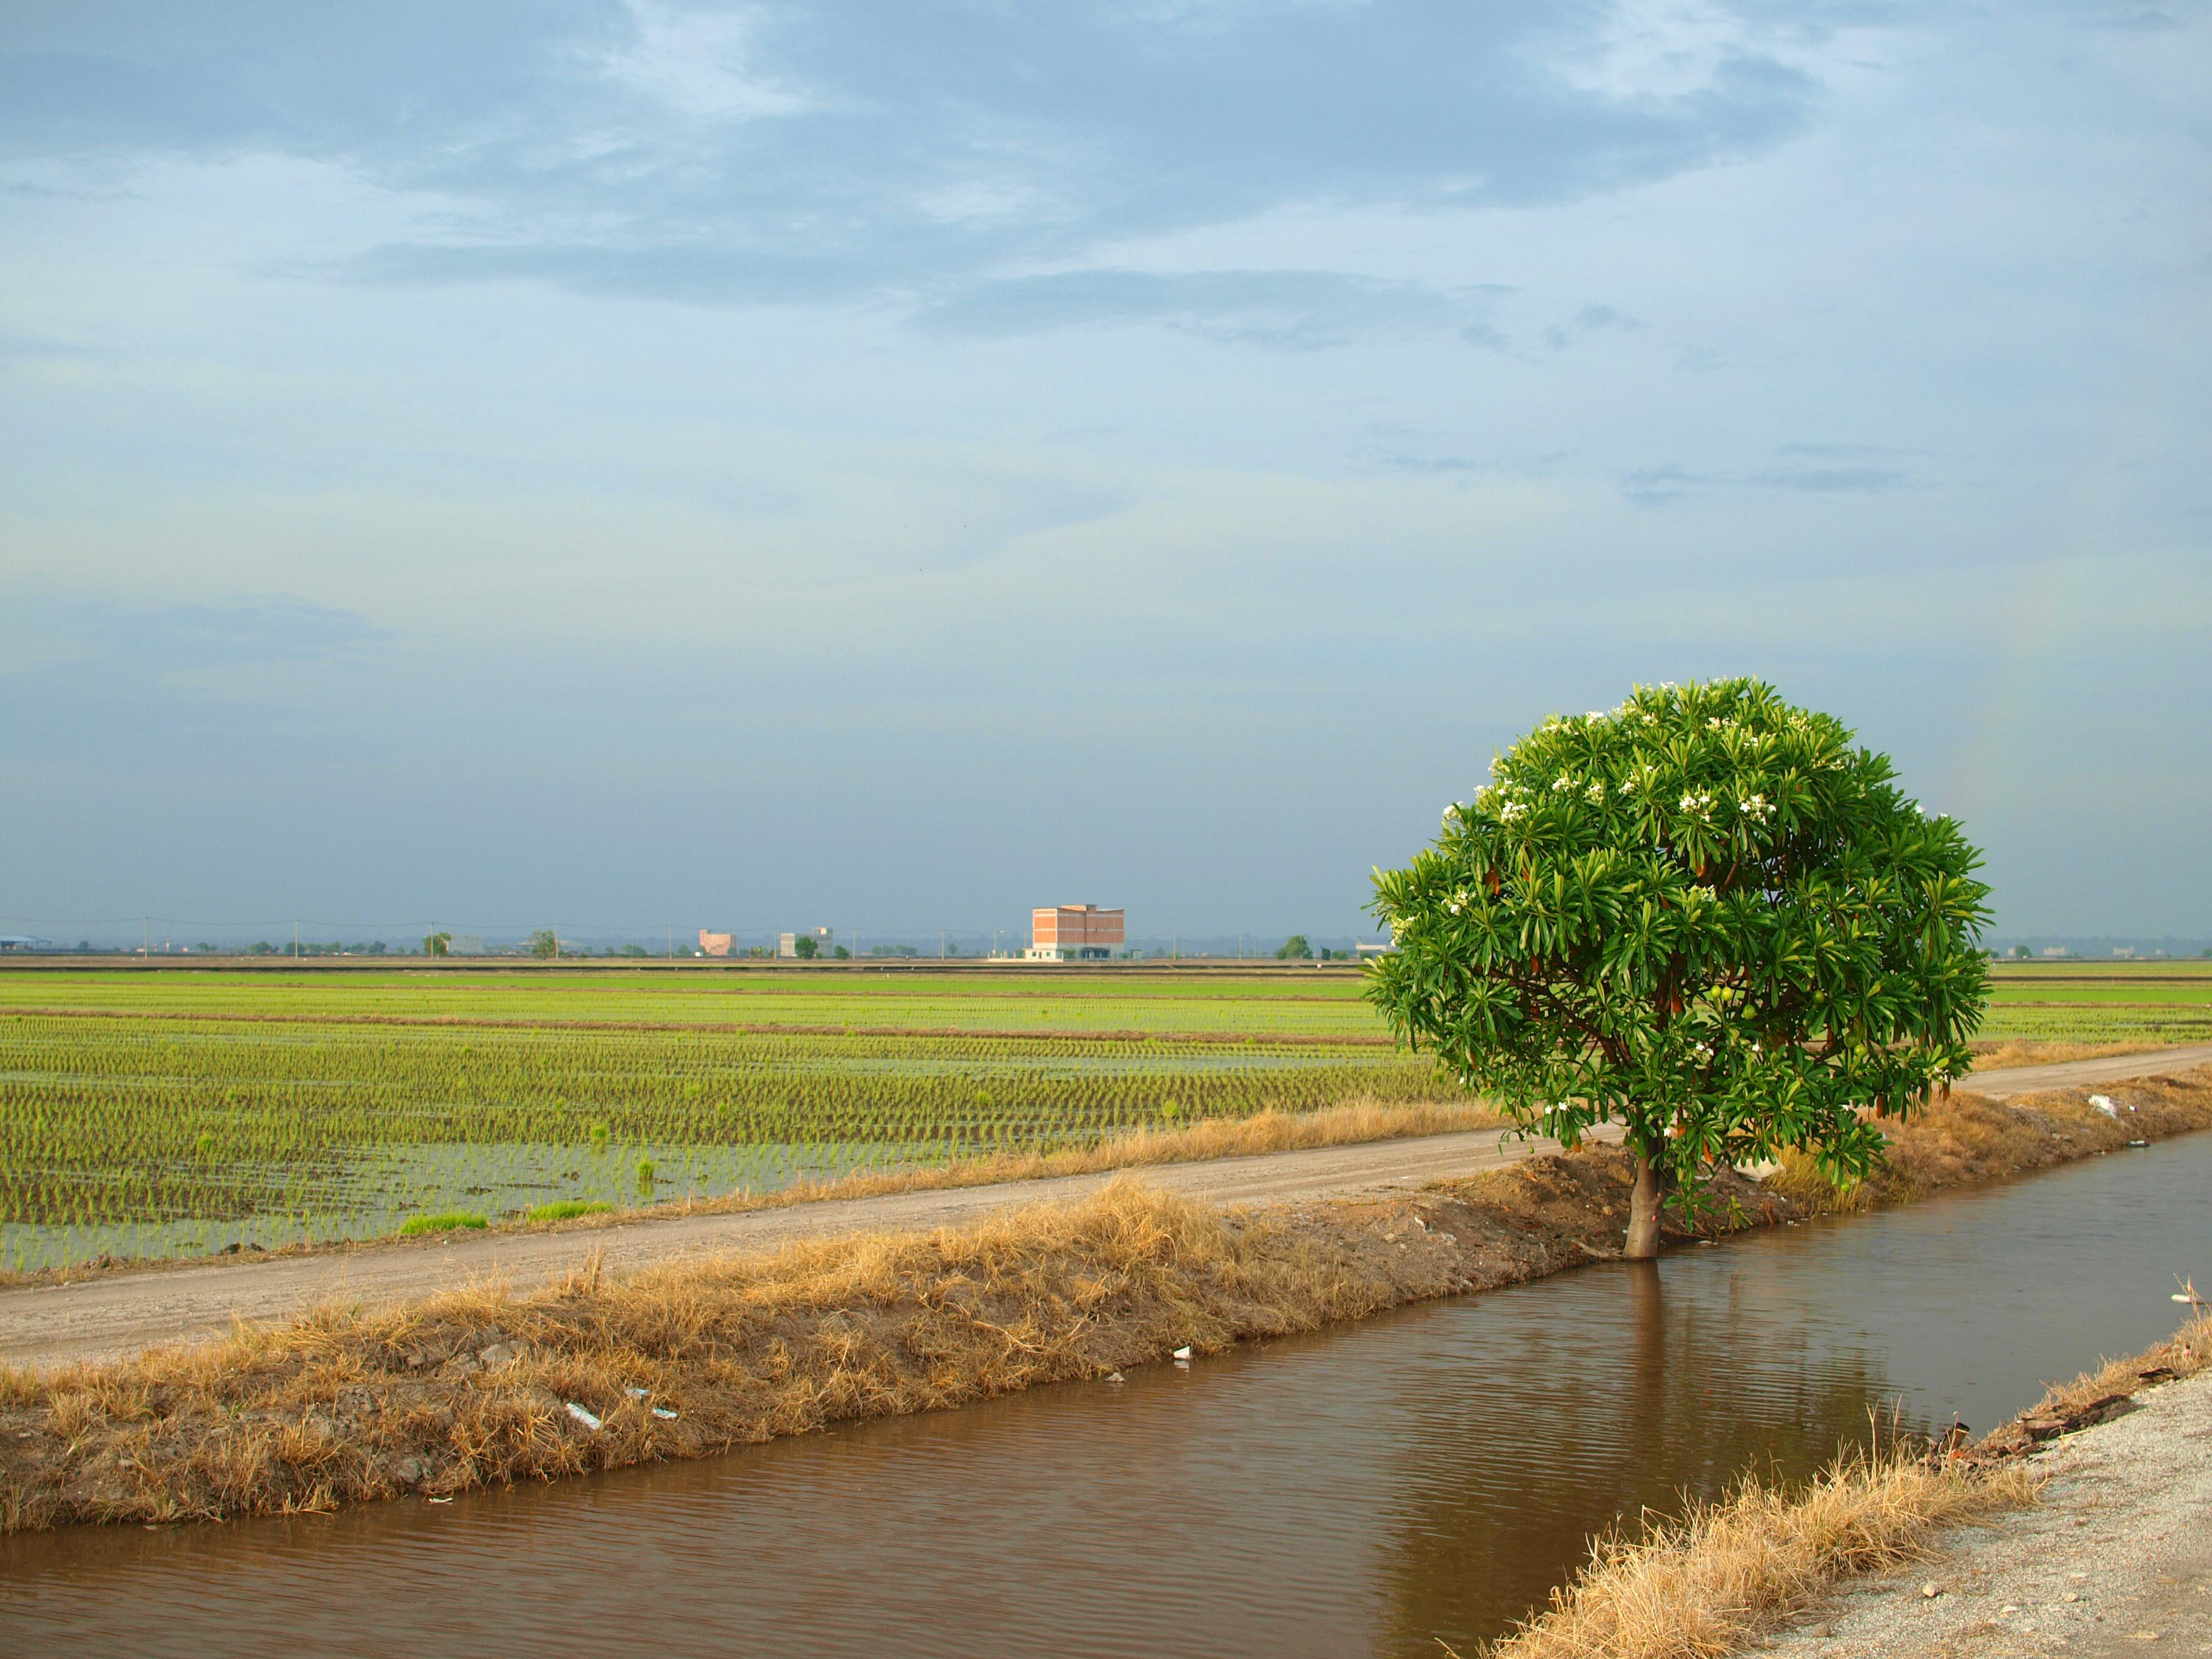 Digonála v podobě řeky je doplněna výrazným stromem a ideálně umístěným horizontem